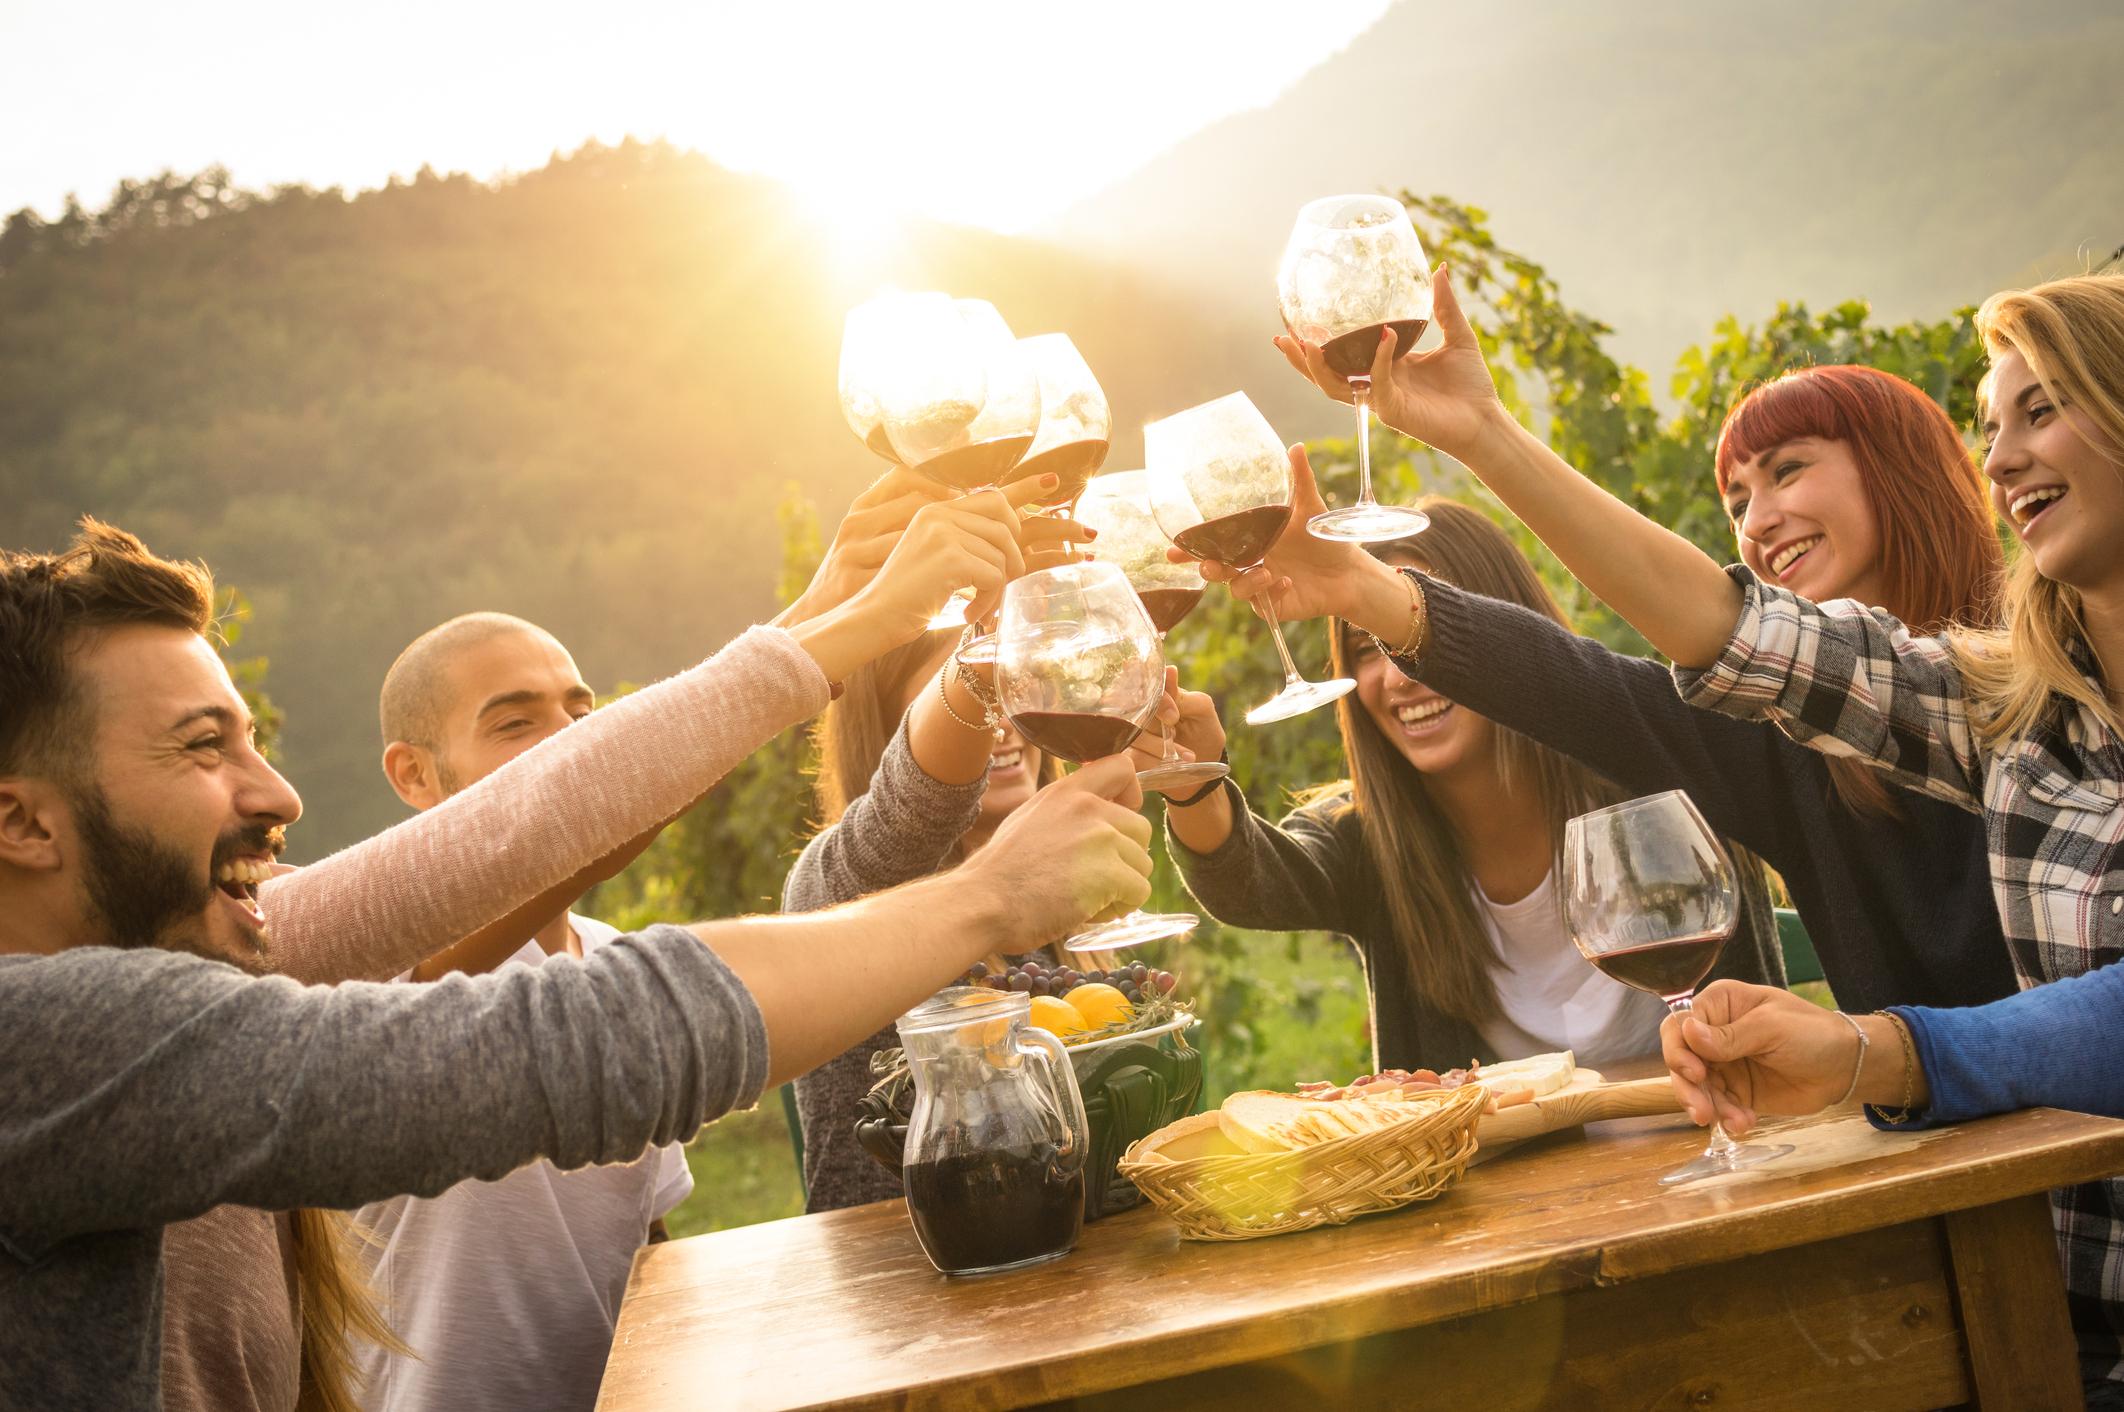 Запазете специалната трапеза за празници<br /> <br /> Забавлявайте се повече вкъщи, с приятели, които носят блюда, а запазете излизанията вечерите в ресторант за наистина специални поводи.